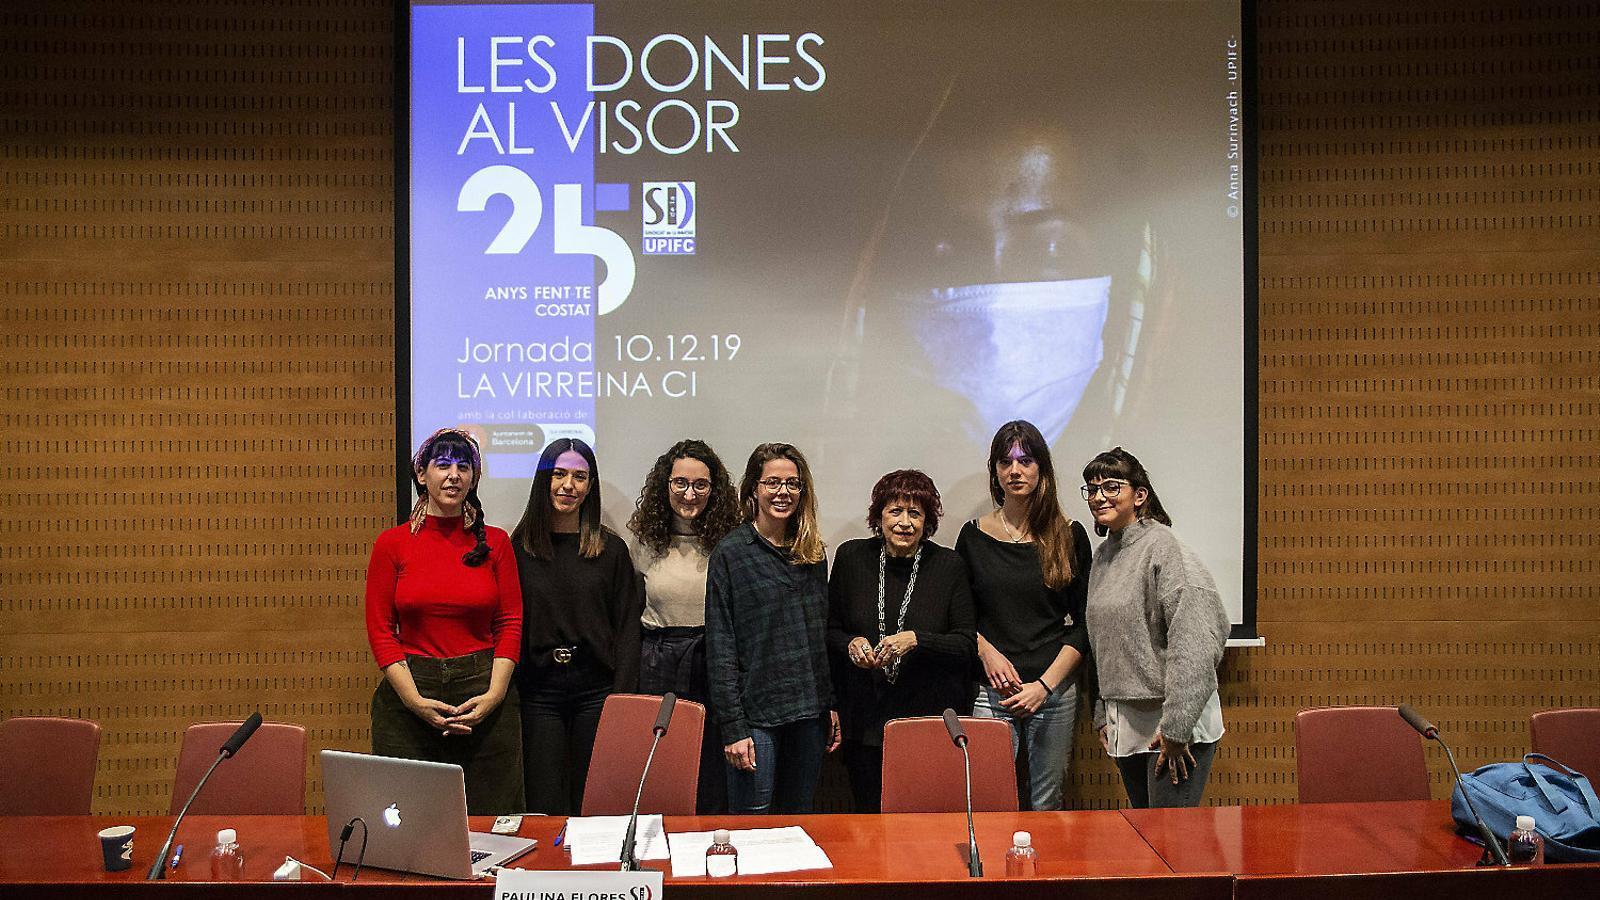 Noelia Pérez, Sara Gordon, Wayra Ficapal, Cèlia Atset, Pilar Aymerich, Sira Esclasans  i Paulina Flores.